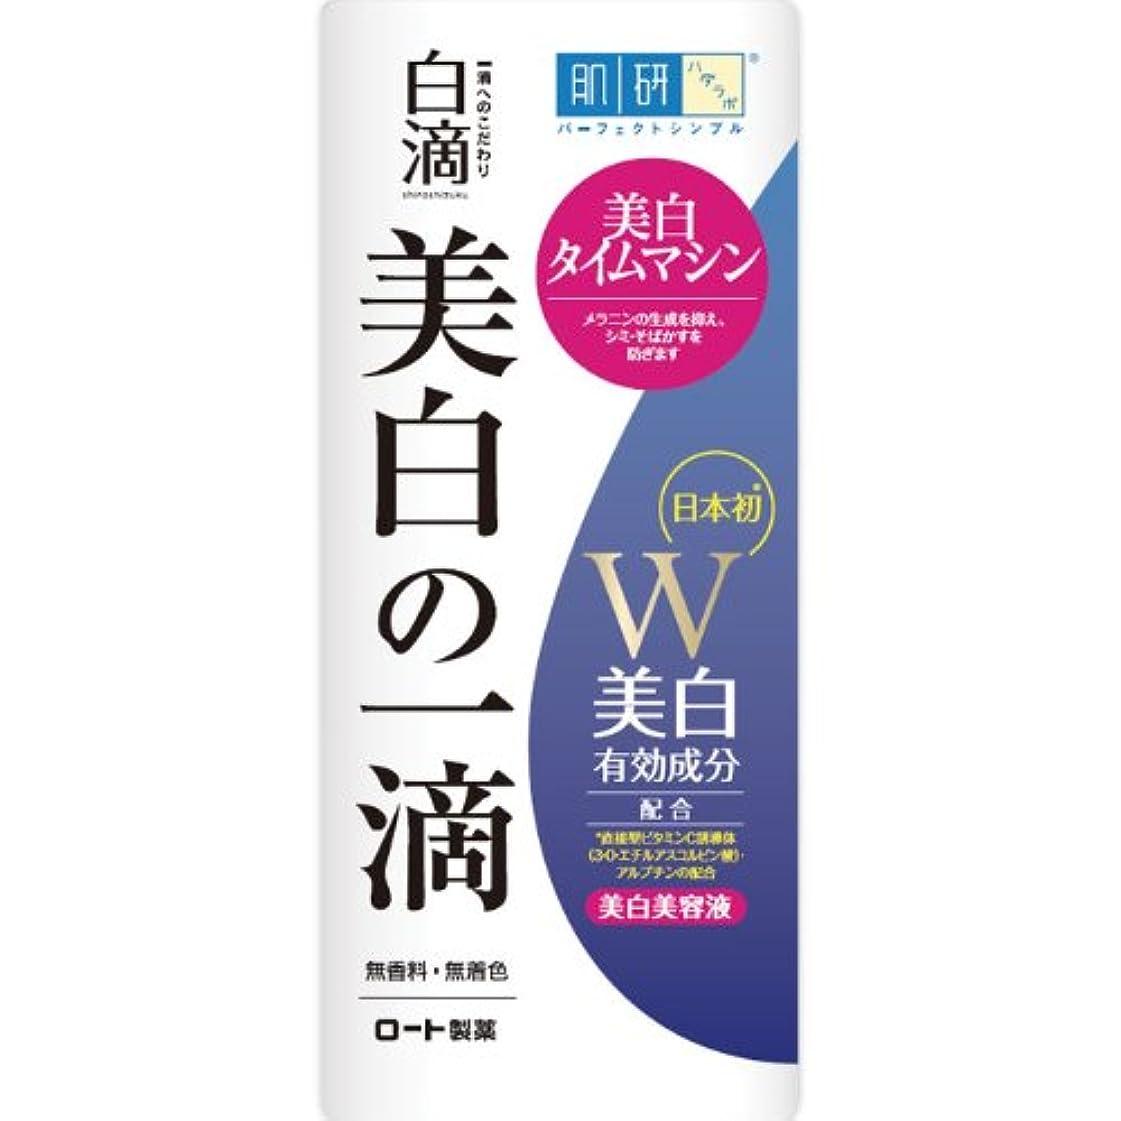 数学的な気絶させるスロー【医薬部外品】肌研(ハダラボ) 白滴 (シロシズク) 美白の一滴 45mL